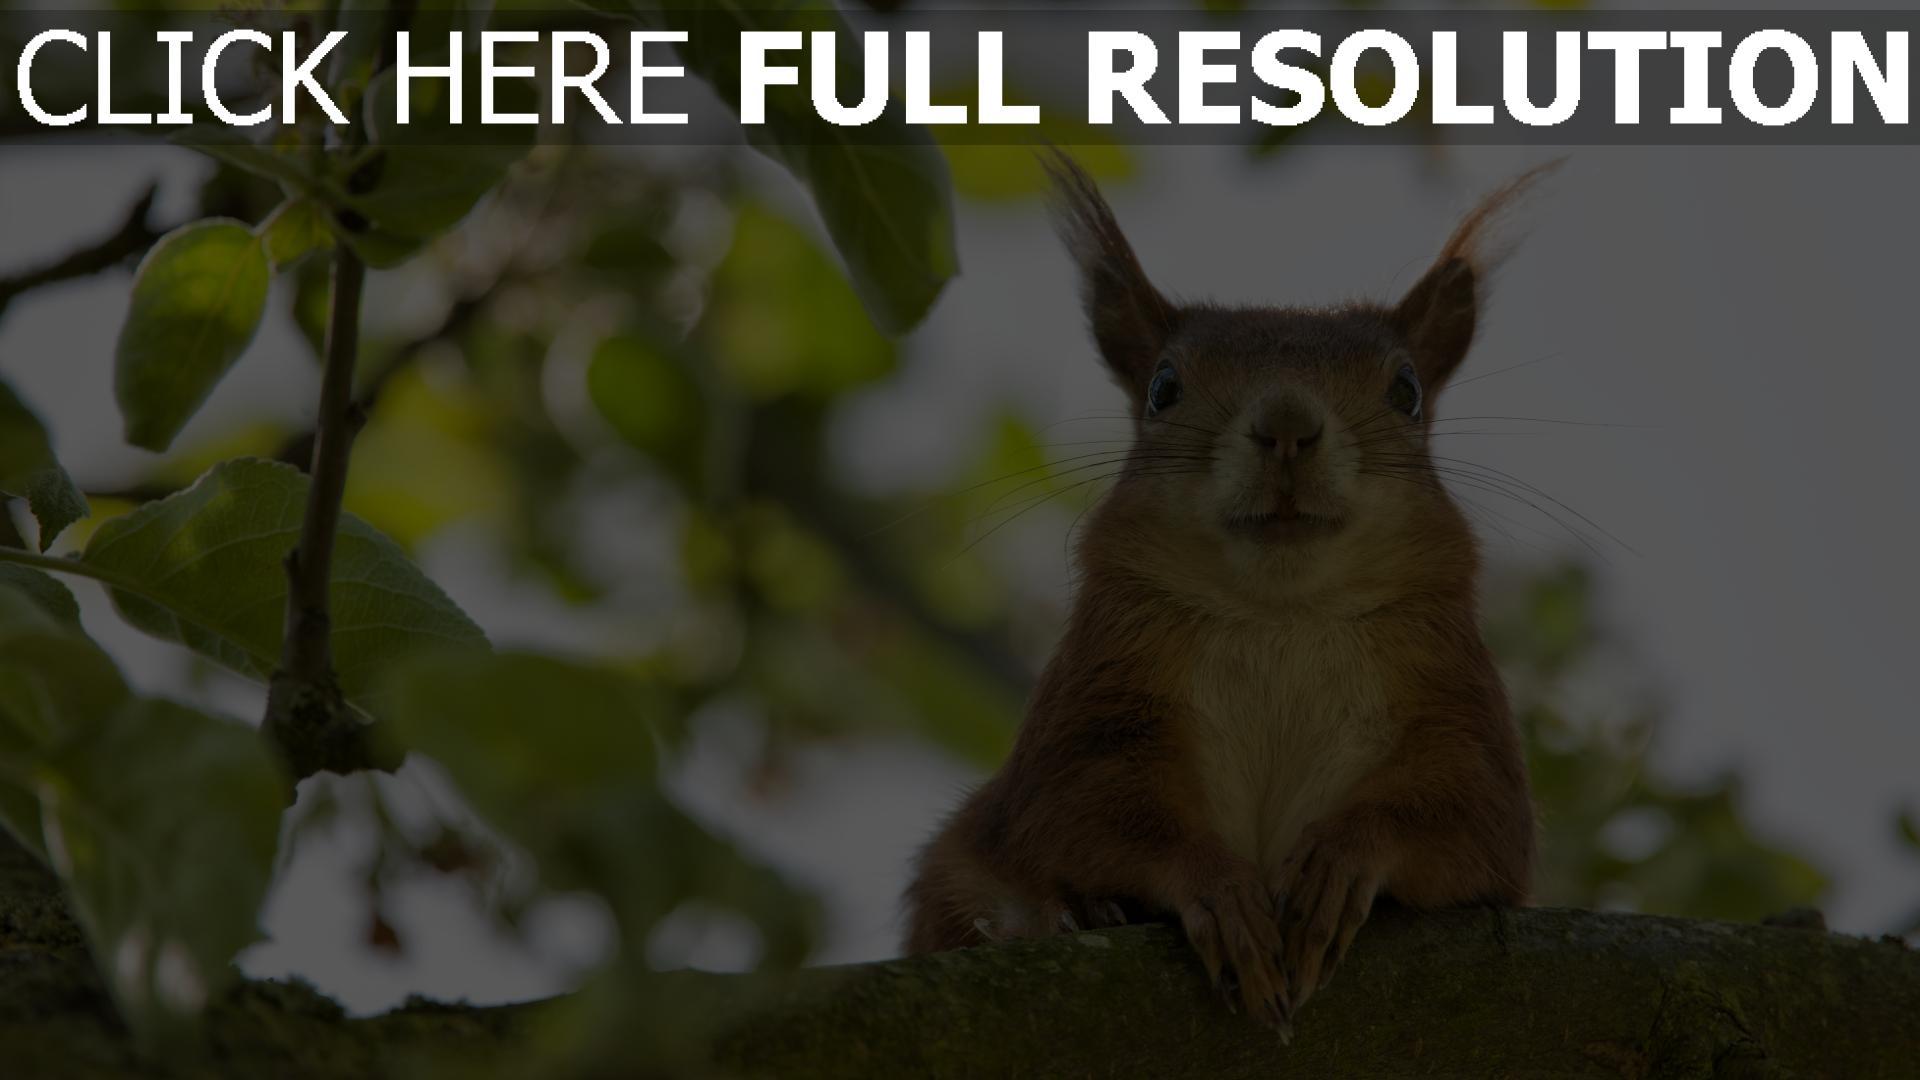 Eichhörnchen im eigenen Gesicht Hot latina Pussy Pornos